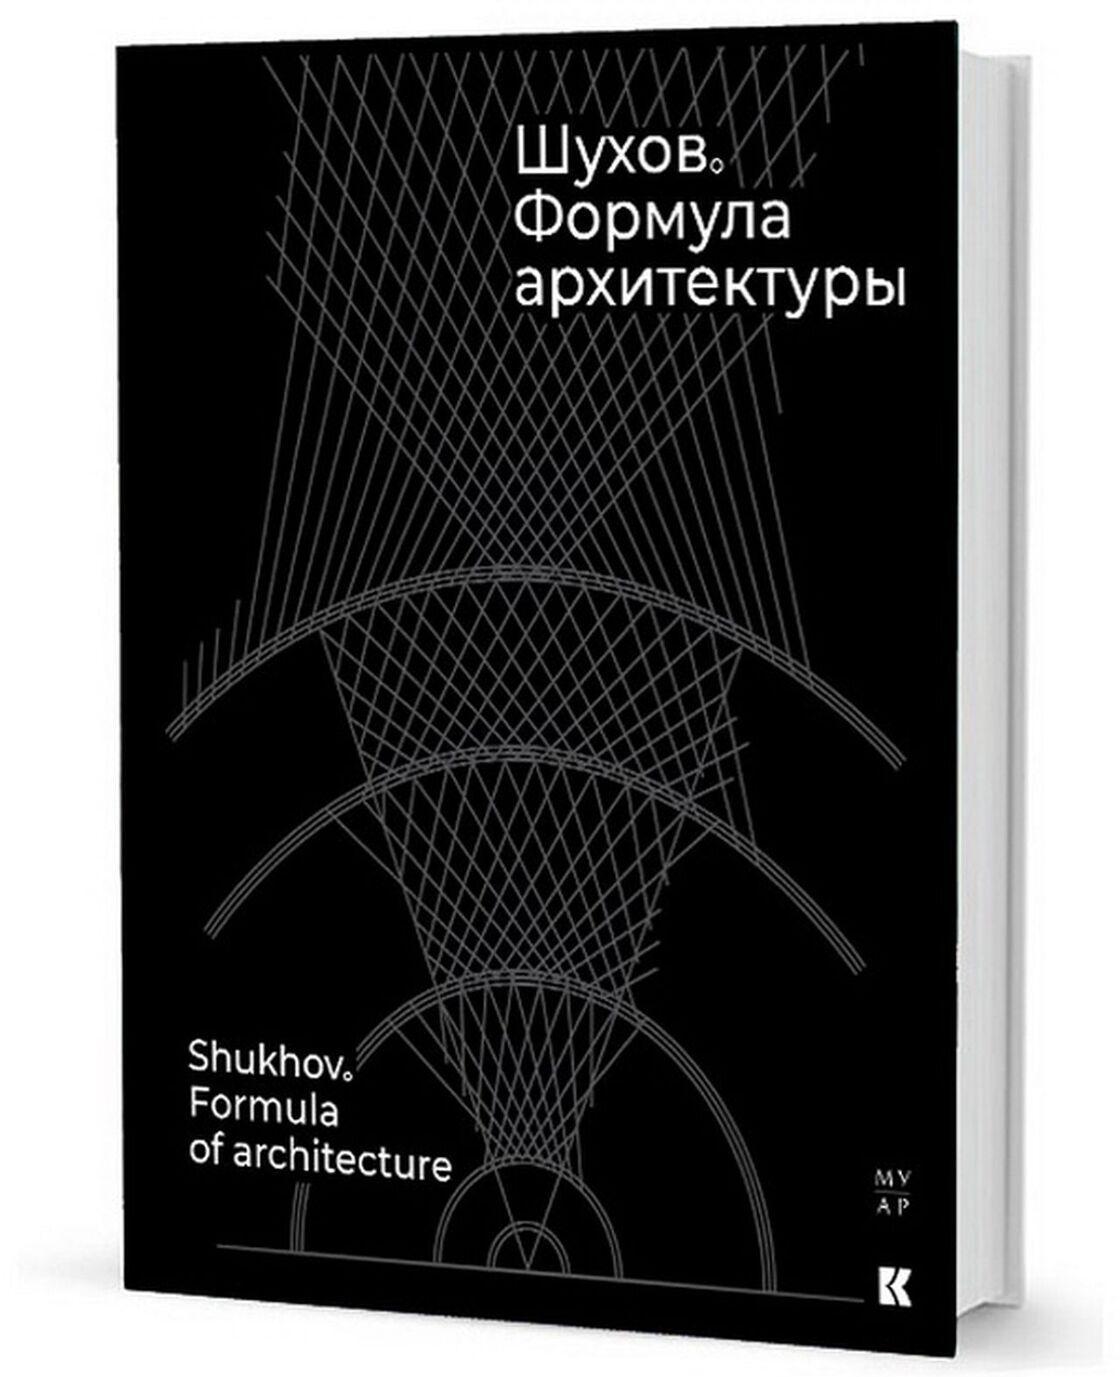 Shukhov. Formula arkhitektury